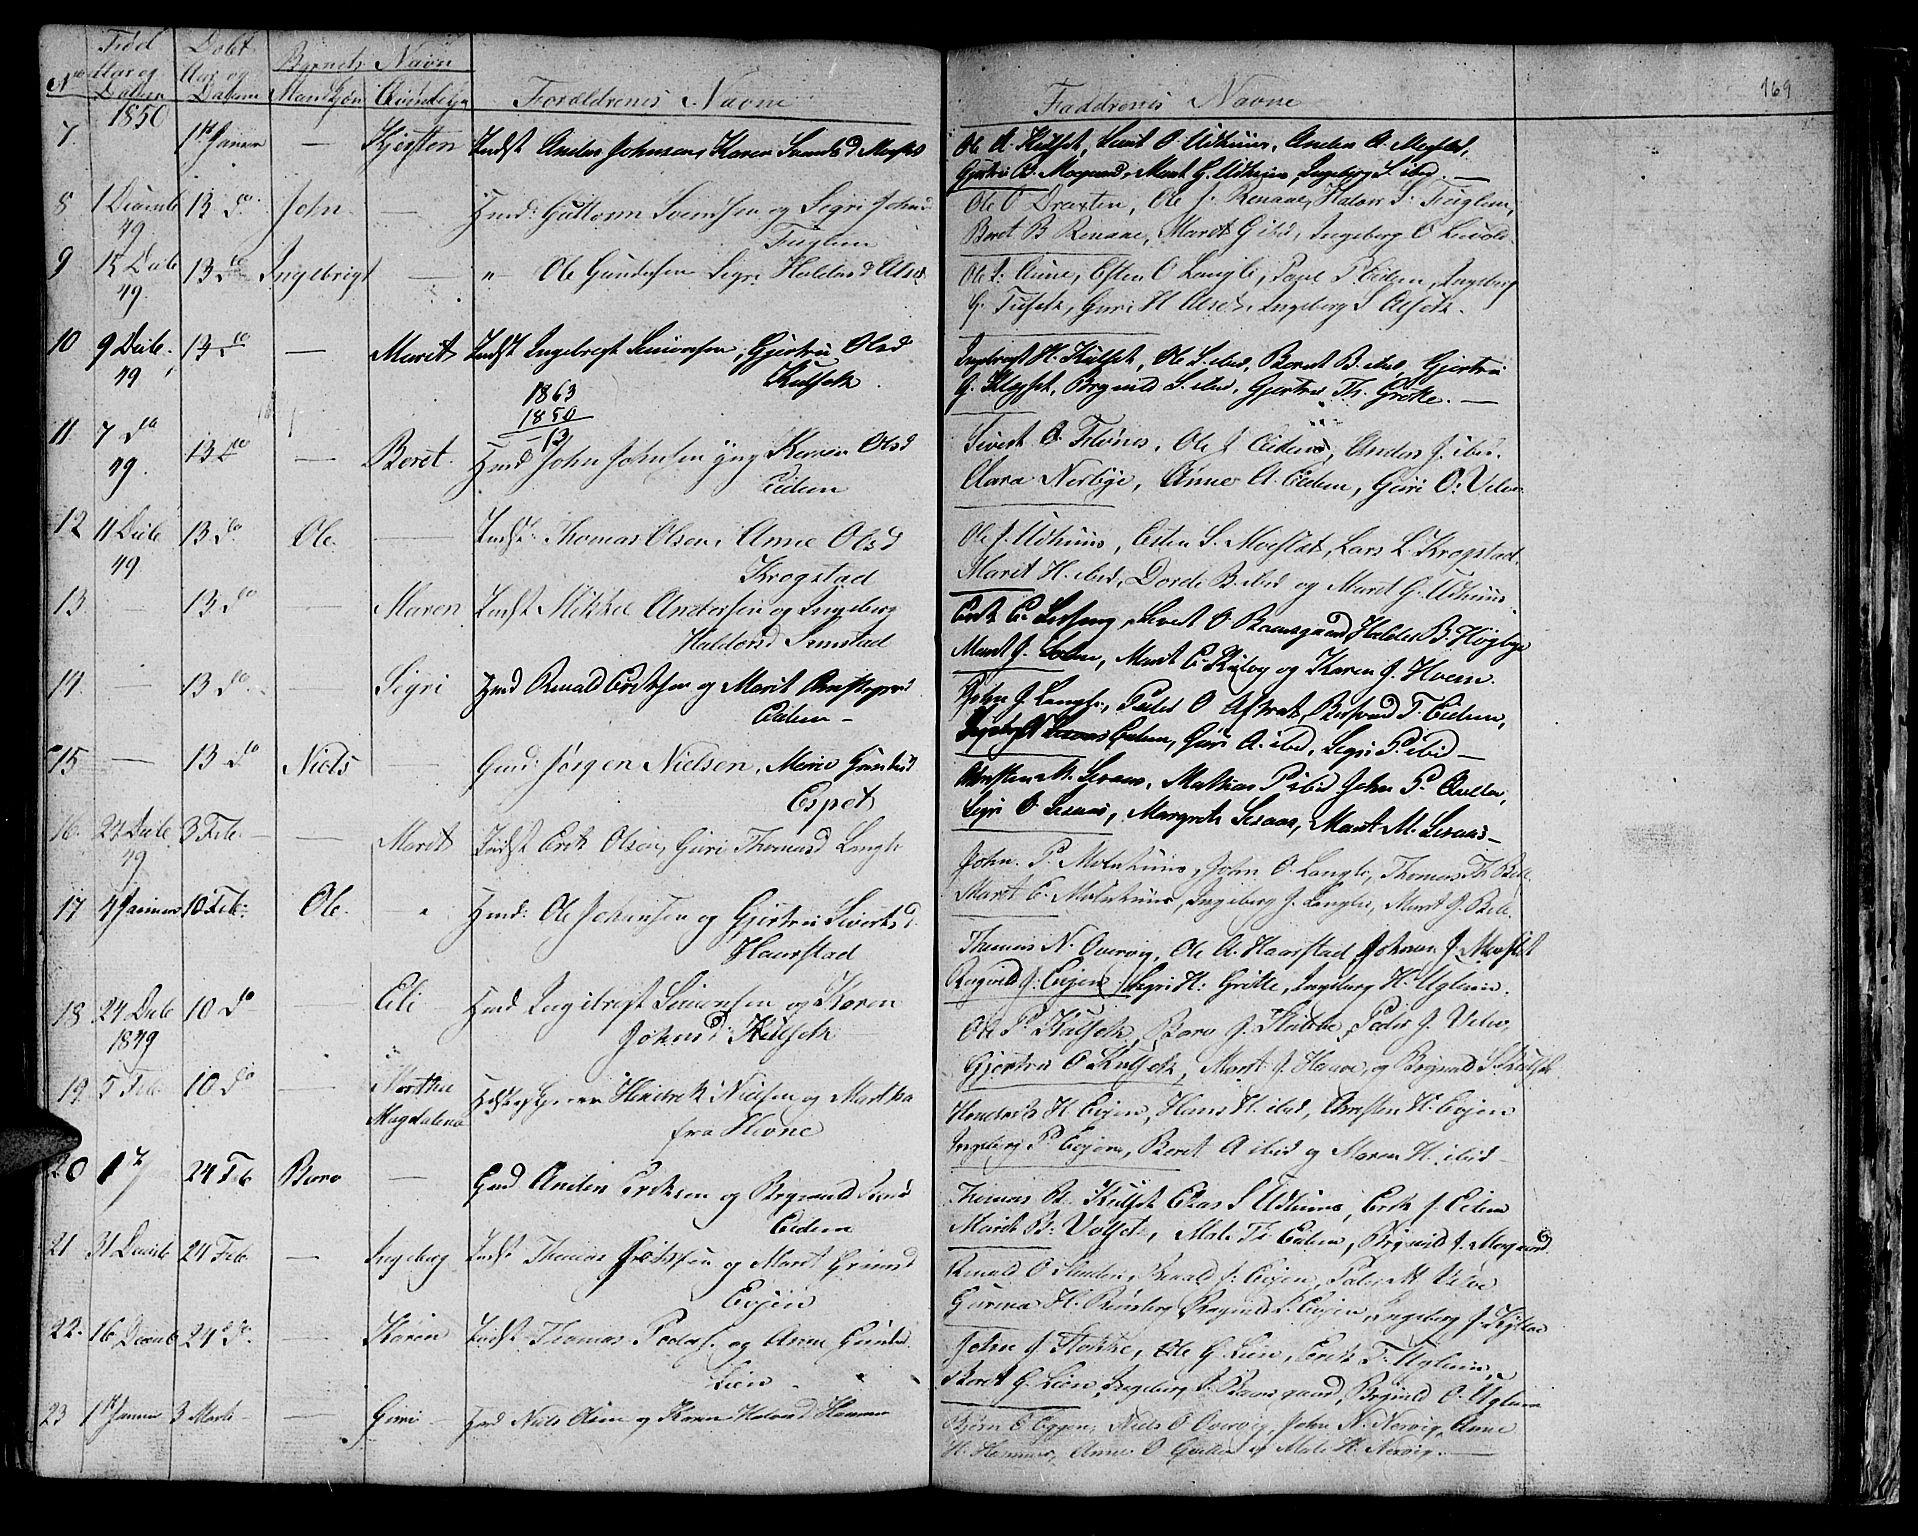 SAT, Ministerialprotokoller, klokkerbøker og fødselsregistre - Sør-Trøndelag, 695/L1154: Klokkerbok nr. 695C05, 1842-1858, s. 169